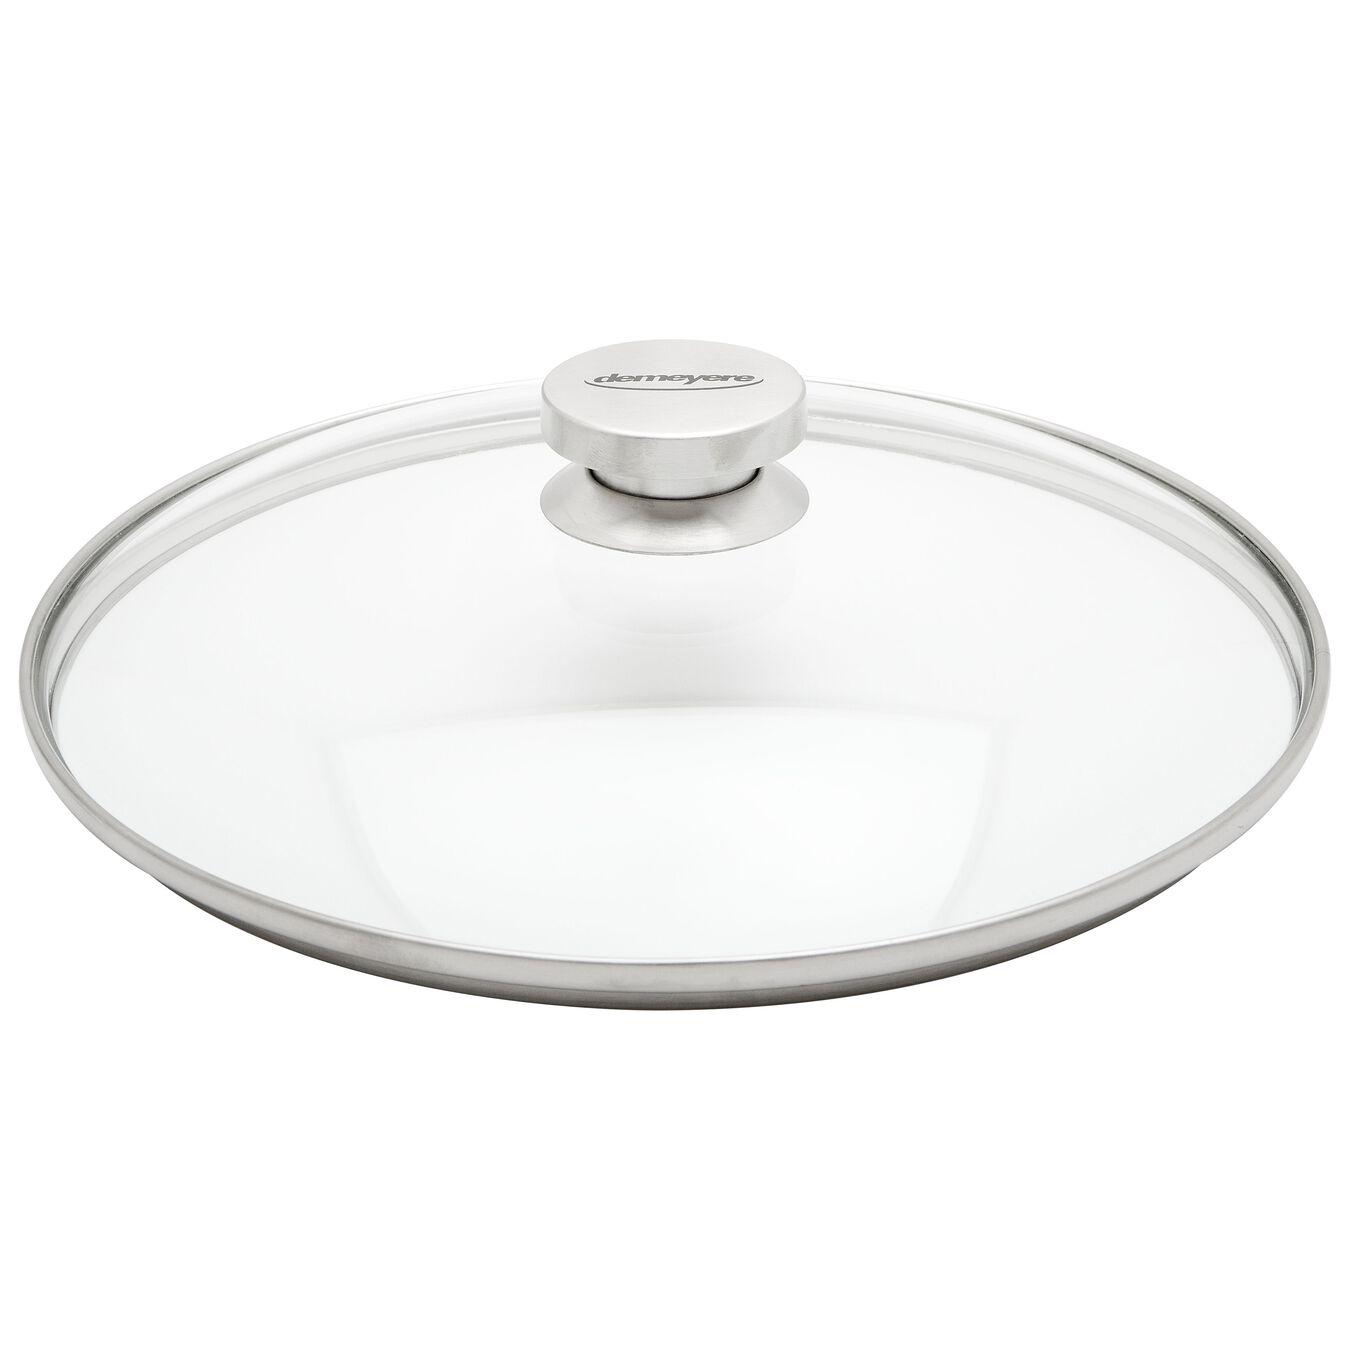 Coperchio - 30 cm, vetro,,large 1